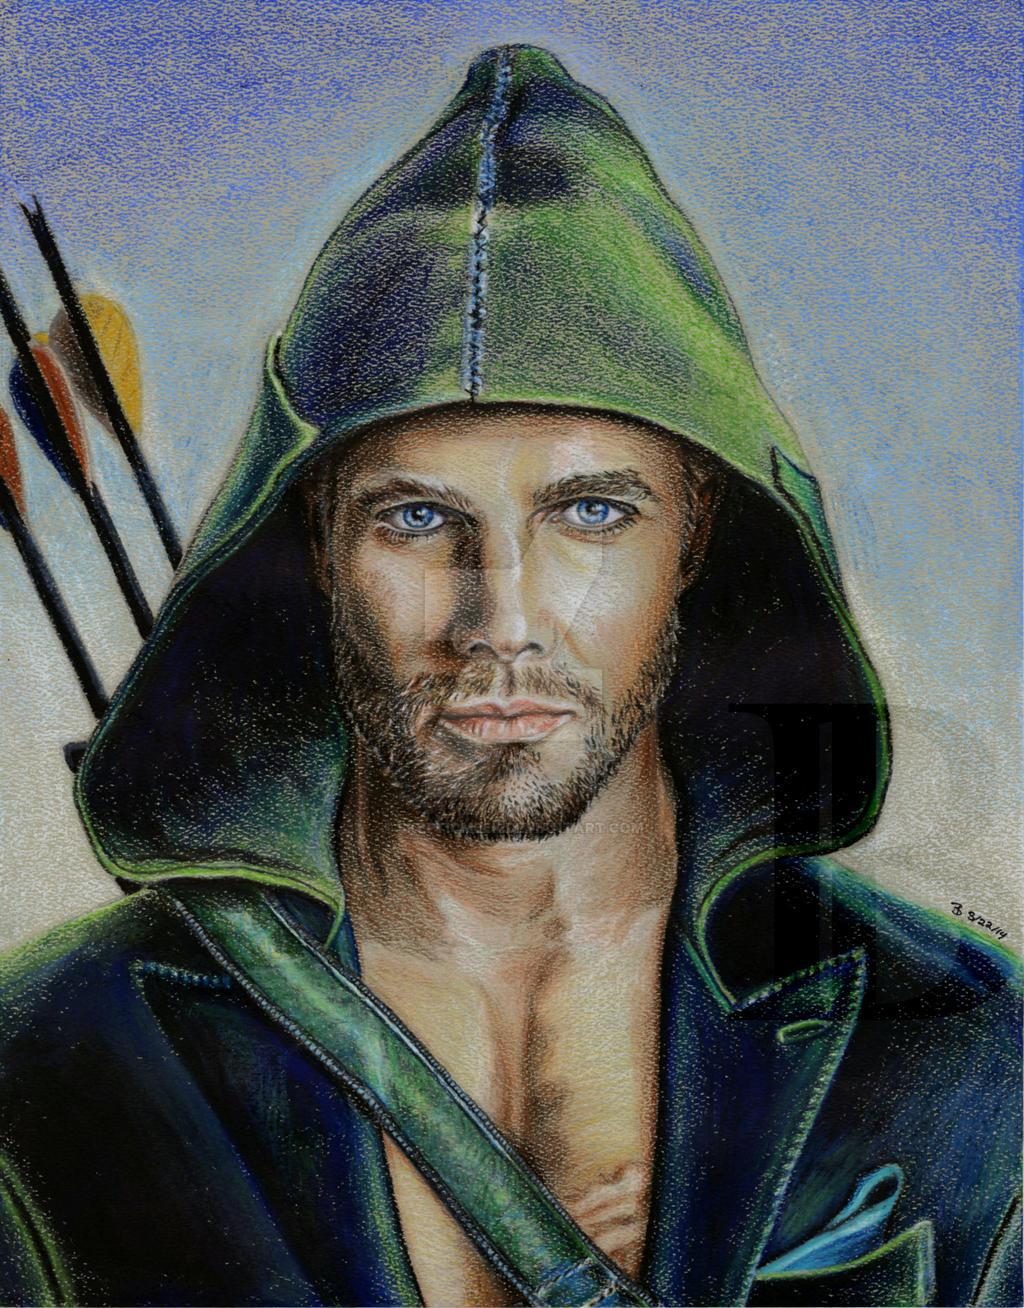 Green Arrow by skepticmeek